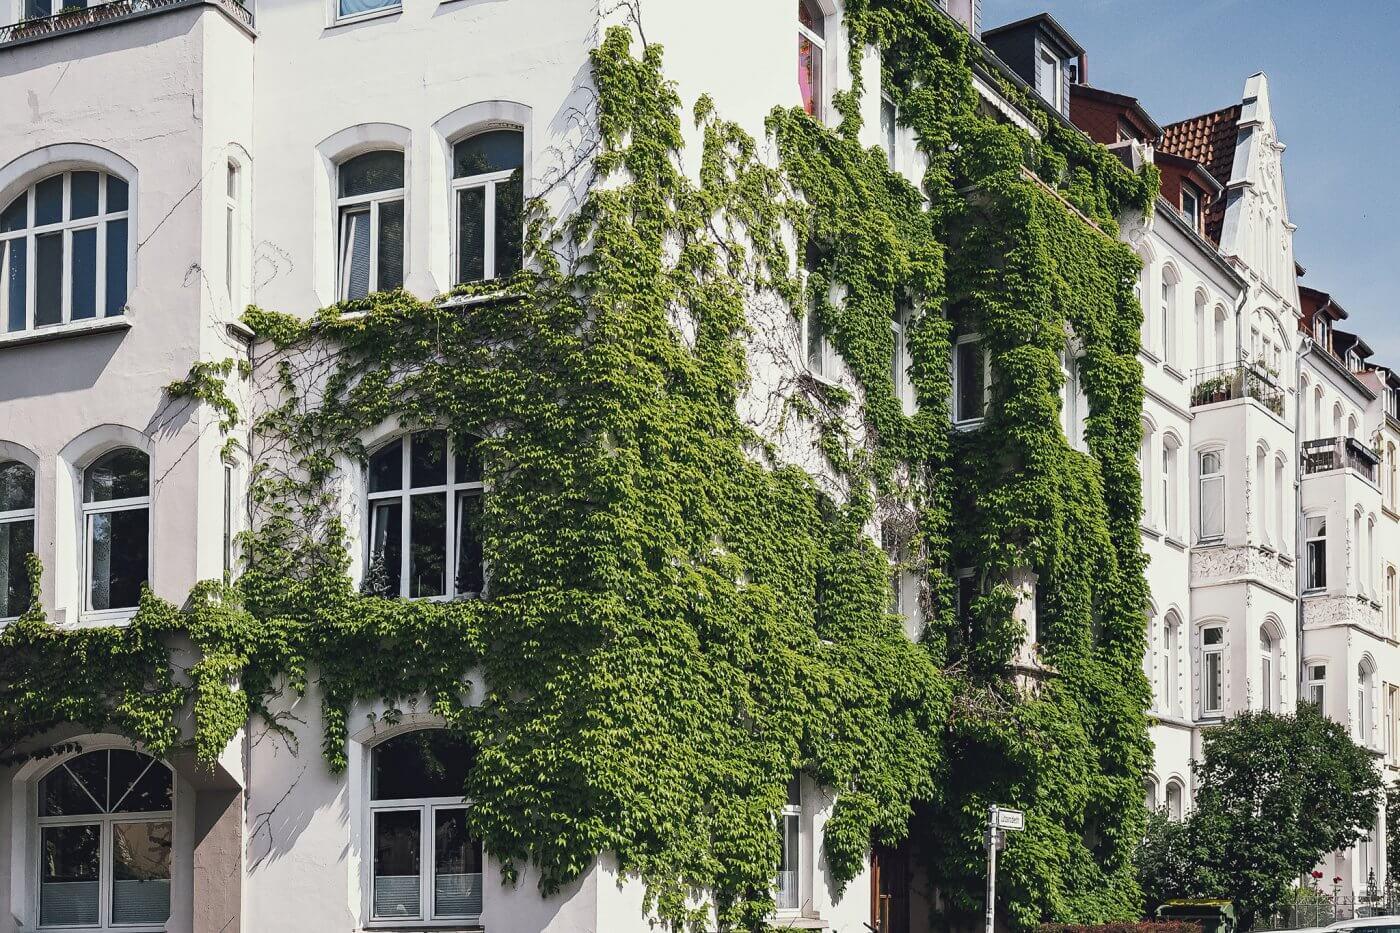 Lützerodestraße